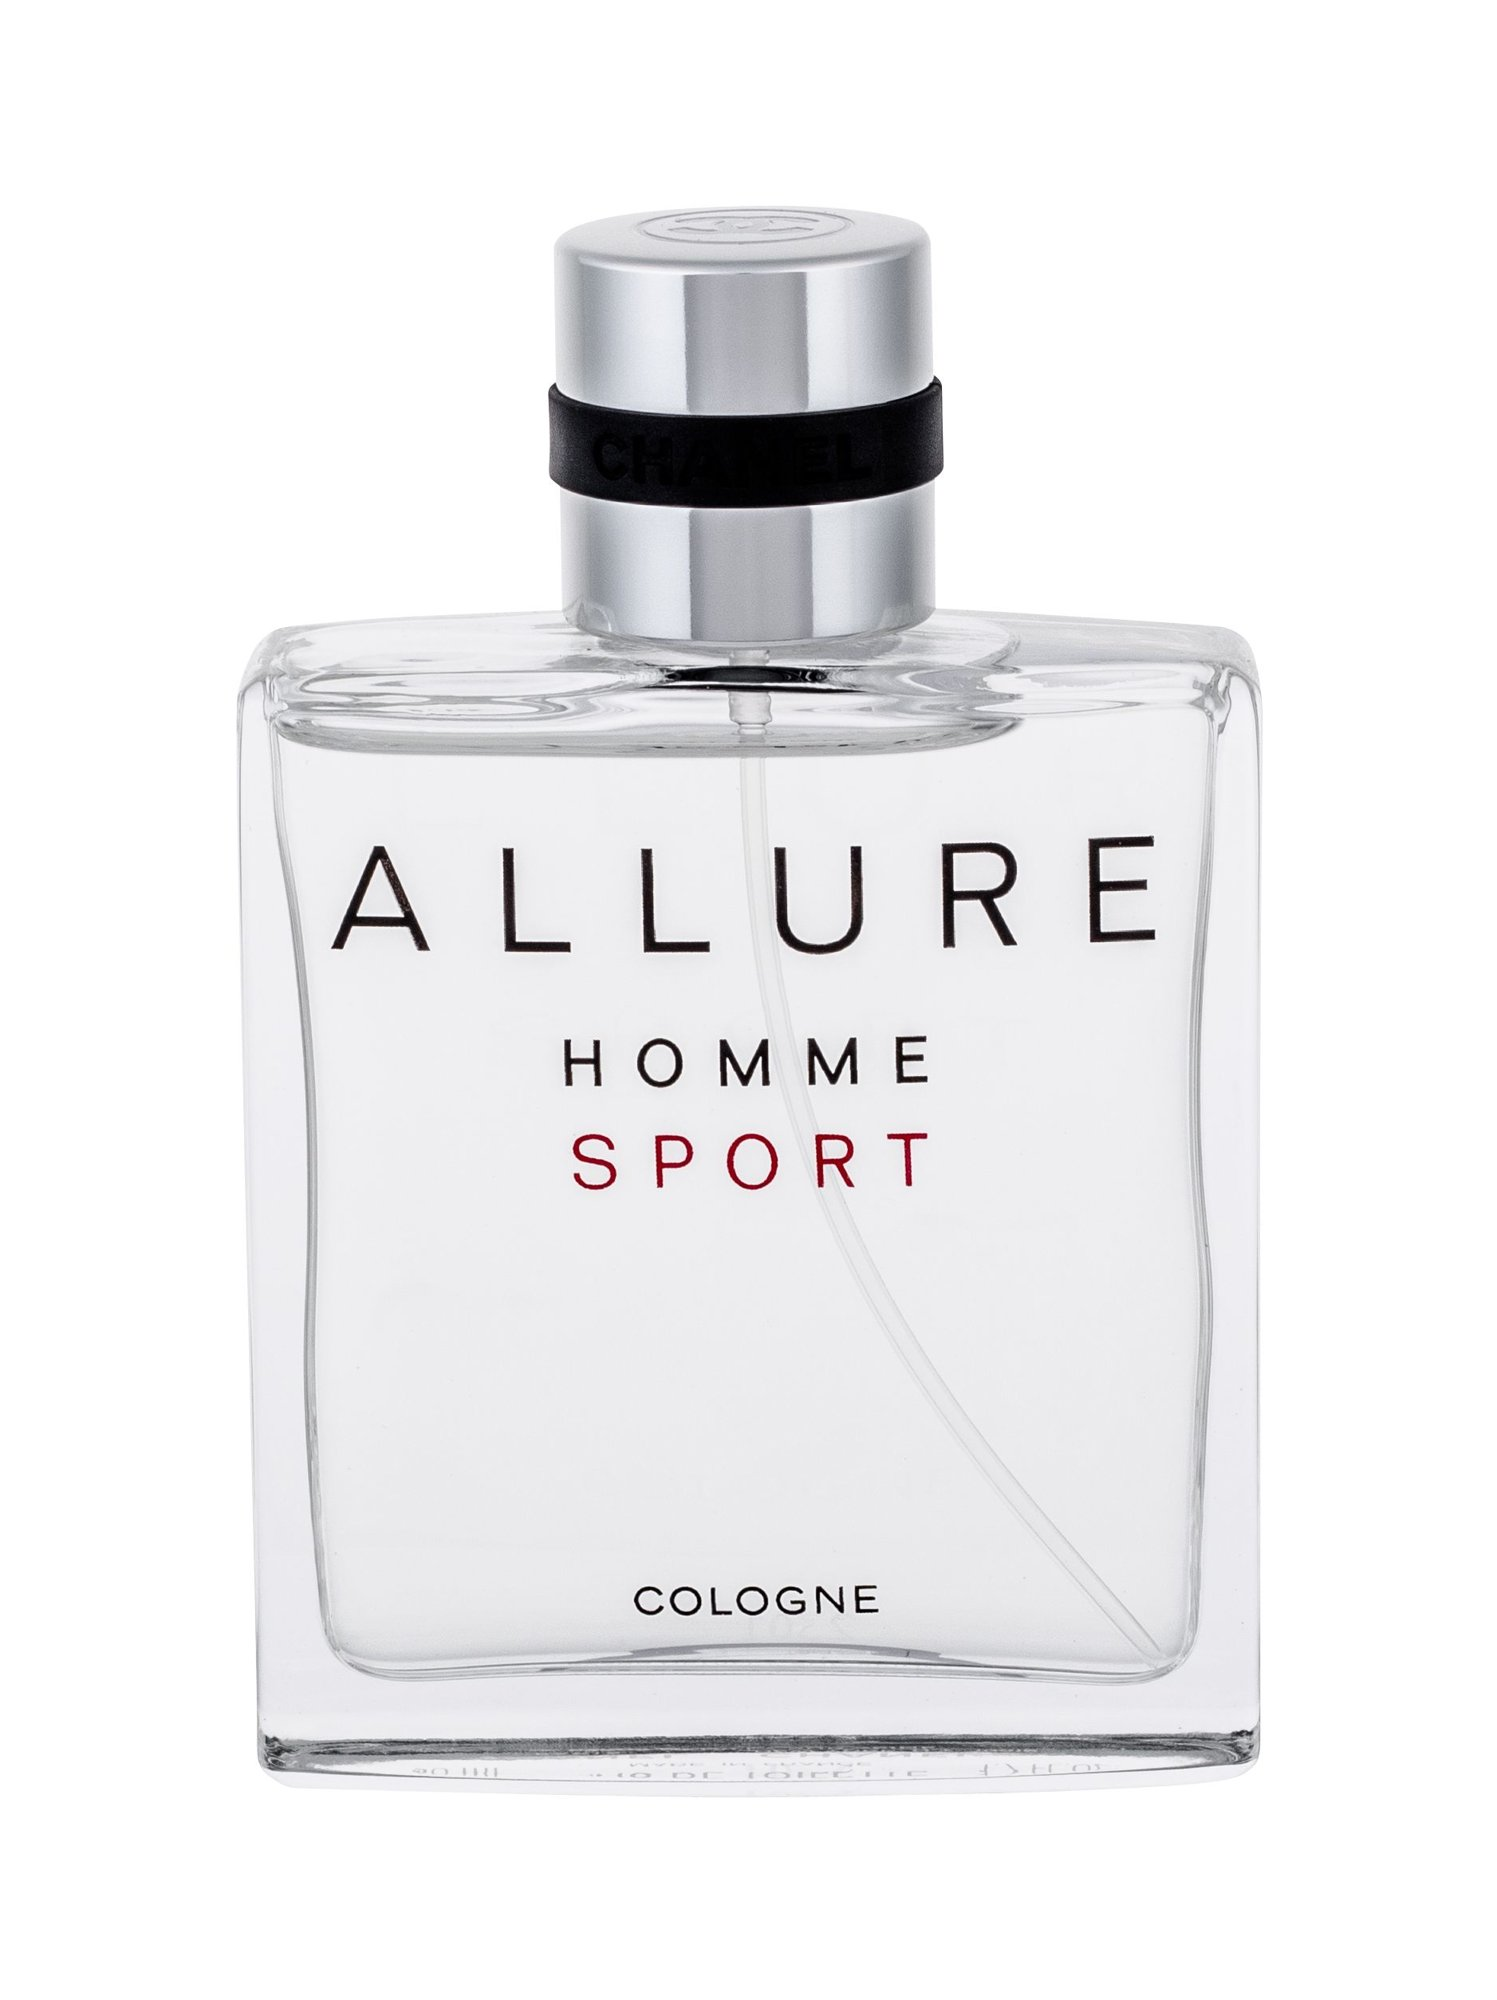 Chanel Allure Homme Sport Cologne Eau de Cologne 50ml